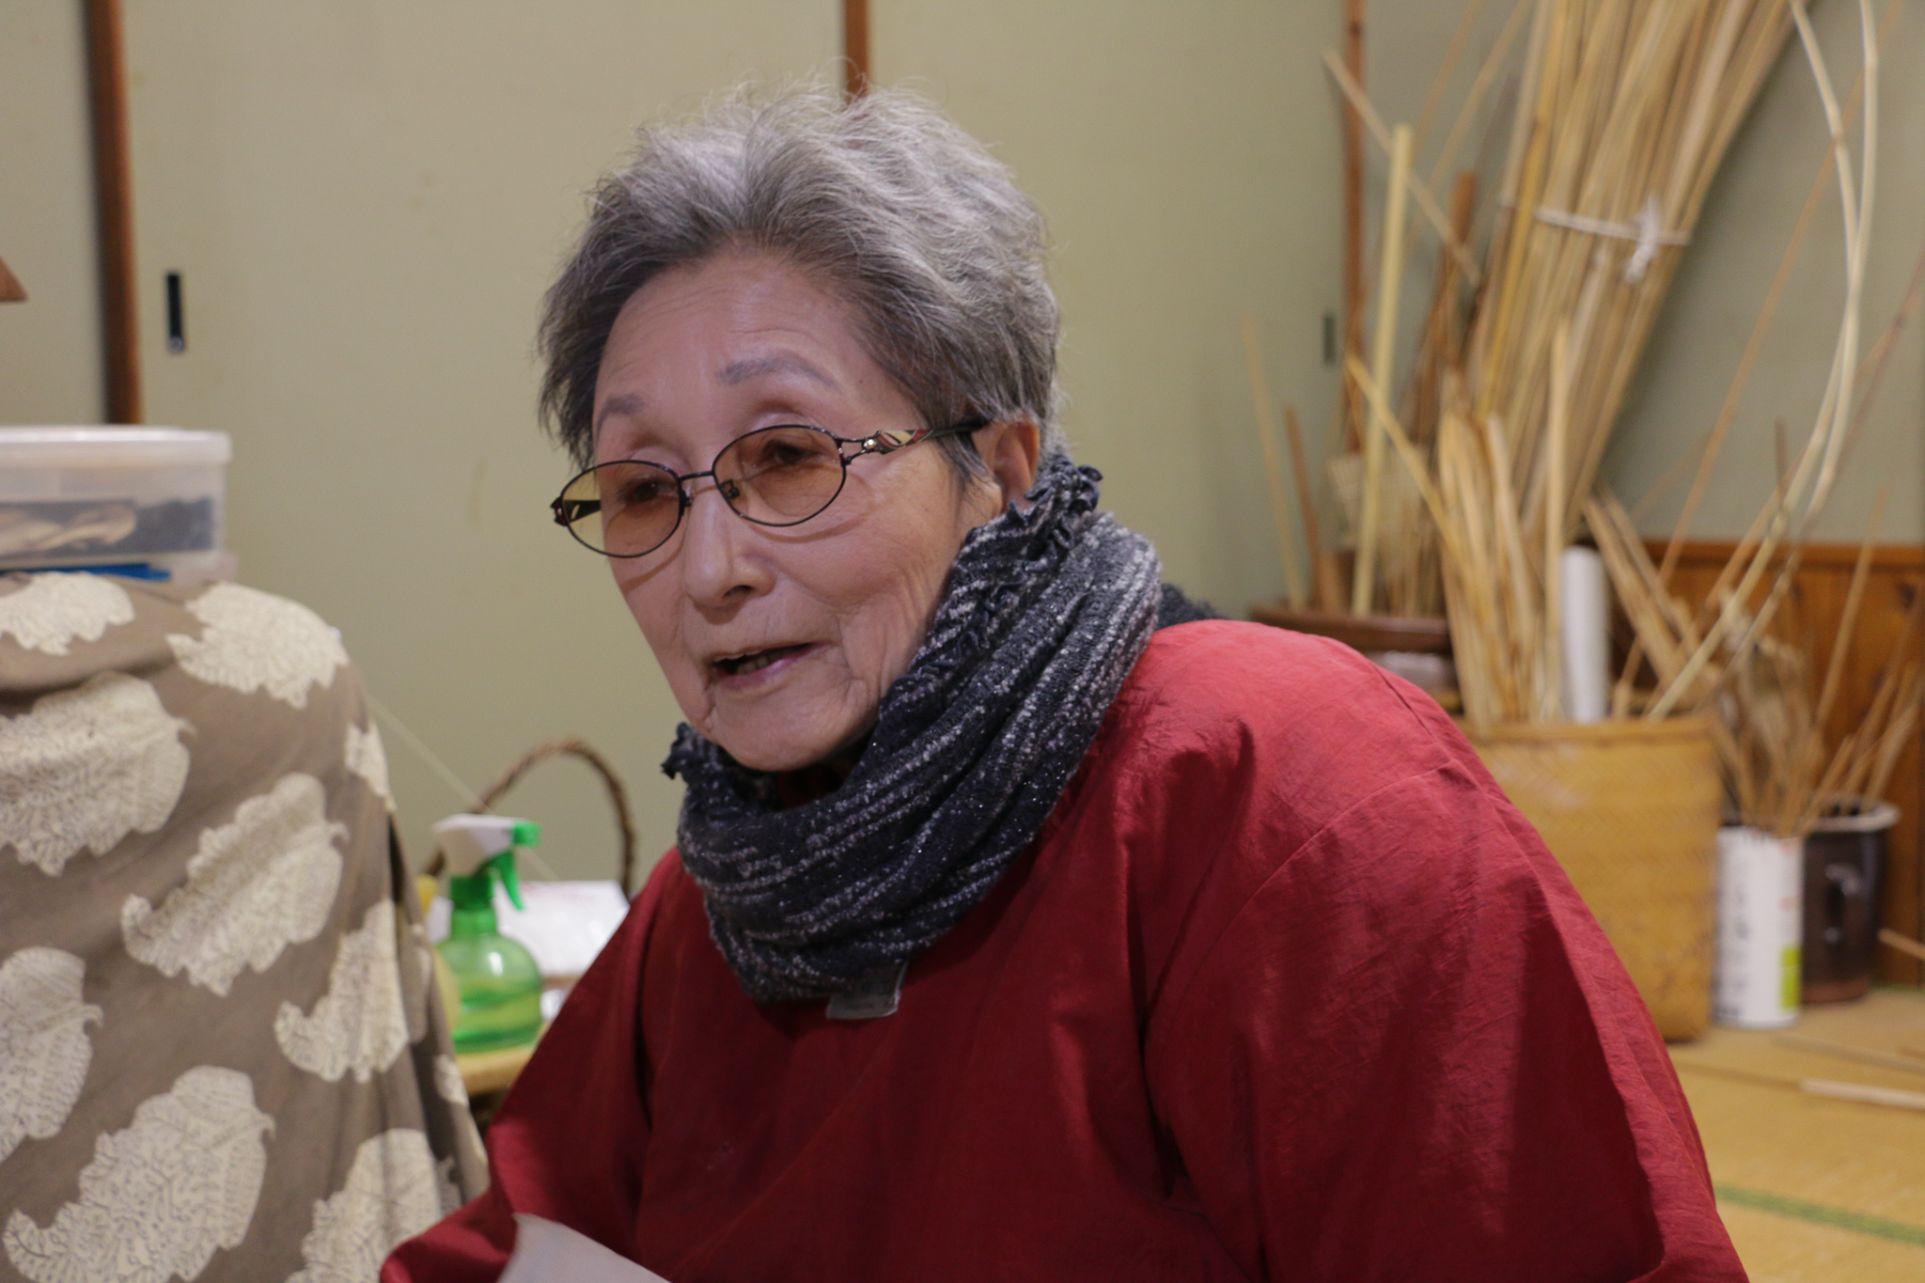 テキパキと手を動かす姿が印象的な宮崎直子さん